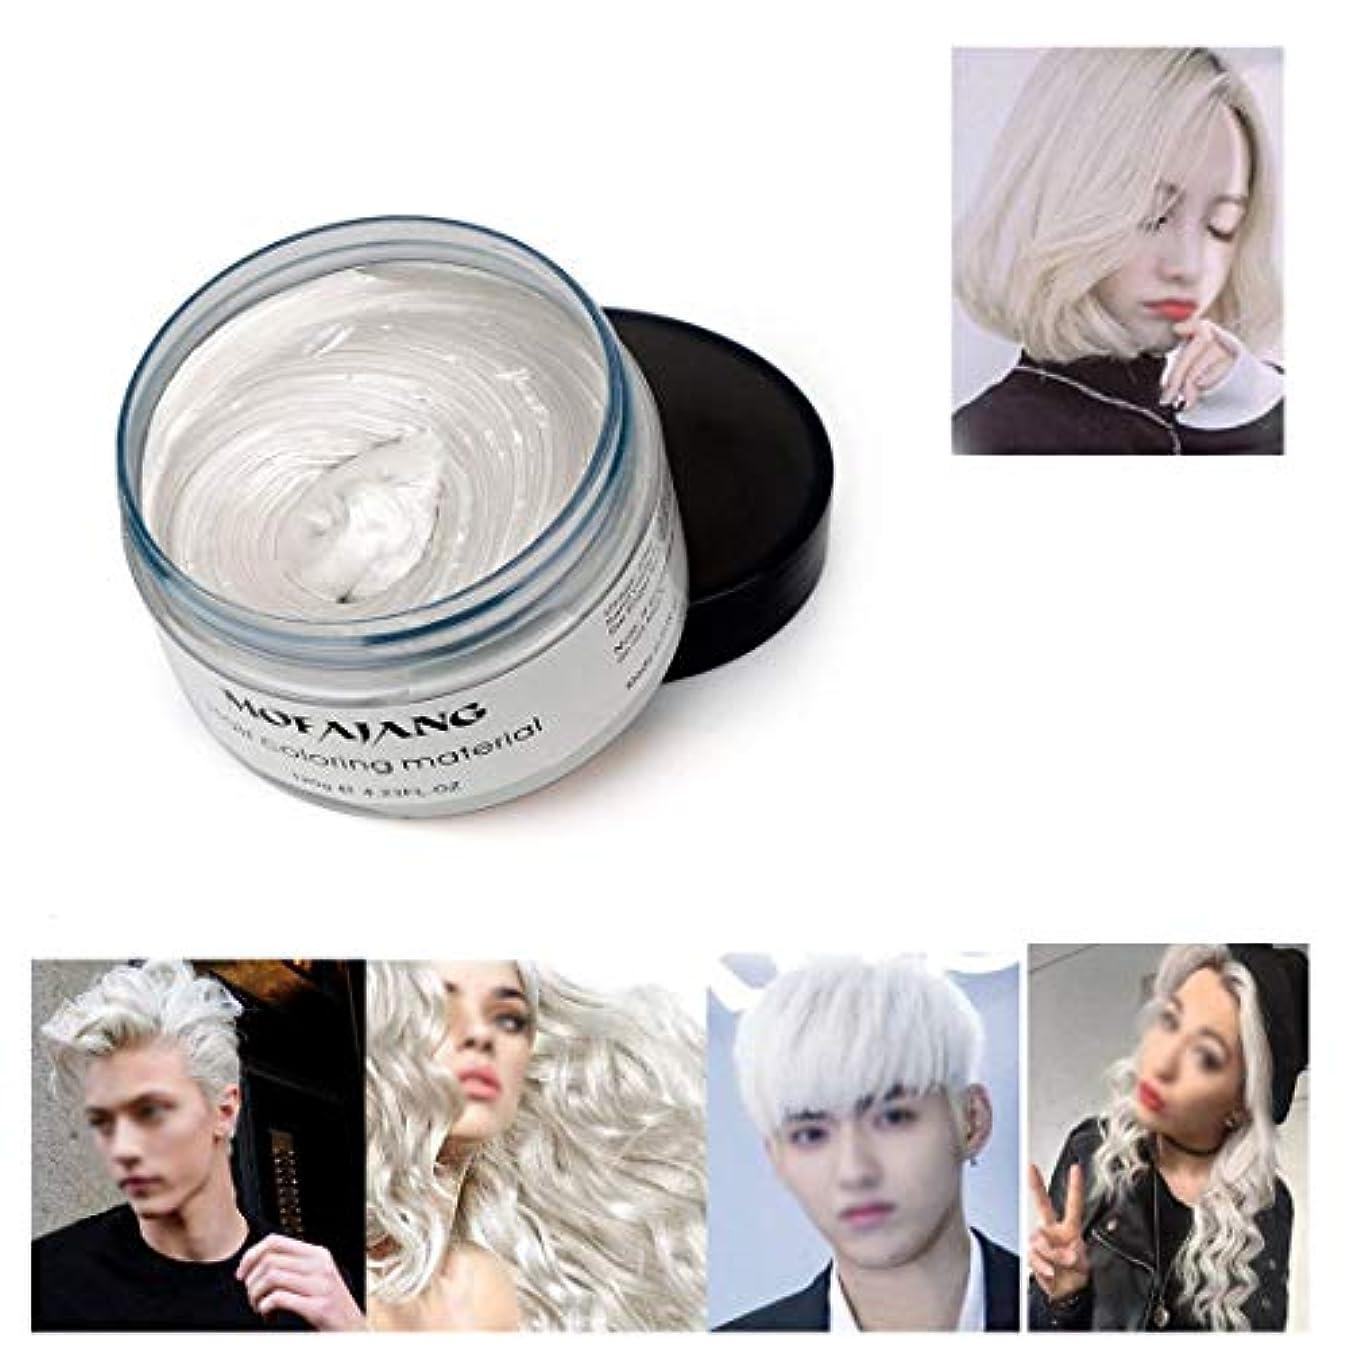 釈義重大ケイ素髪色ワックス,一度だけ一時的に自然色染料ヘアワックスをモデリング,パーティーのための自然なマット髪型。コスプレ、仮装、ナイトクラブ、ハロウィーン (ホワイト)